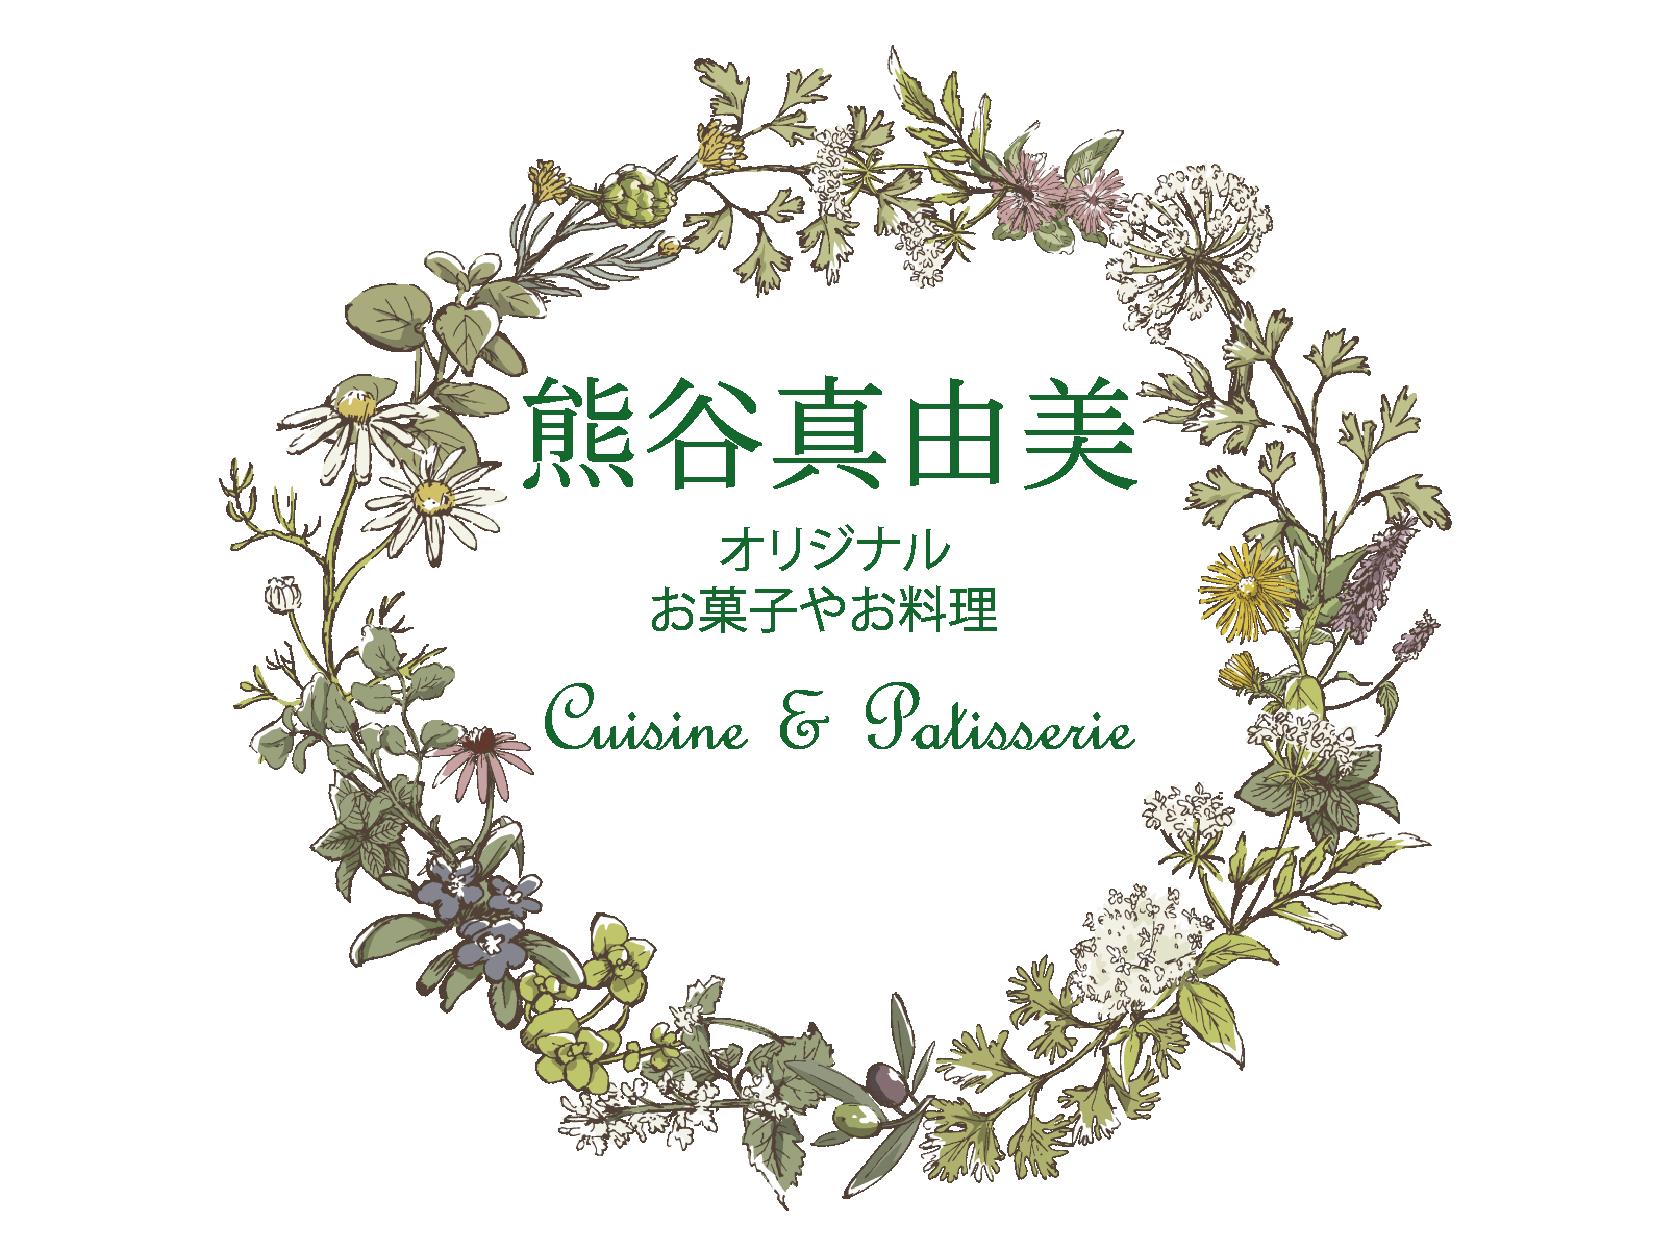 調理の科学理論で失敗しないレシピが得意な東京理科大出身の料理研究家 熊谷真由美のオリジナルのお菓子や料理製作